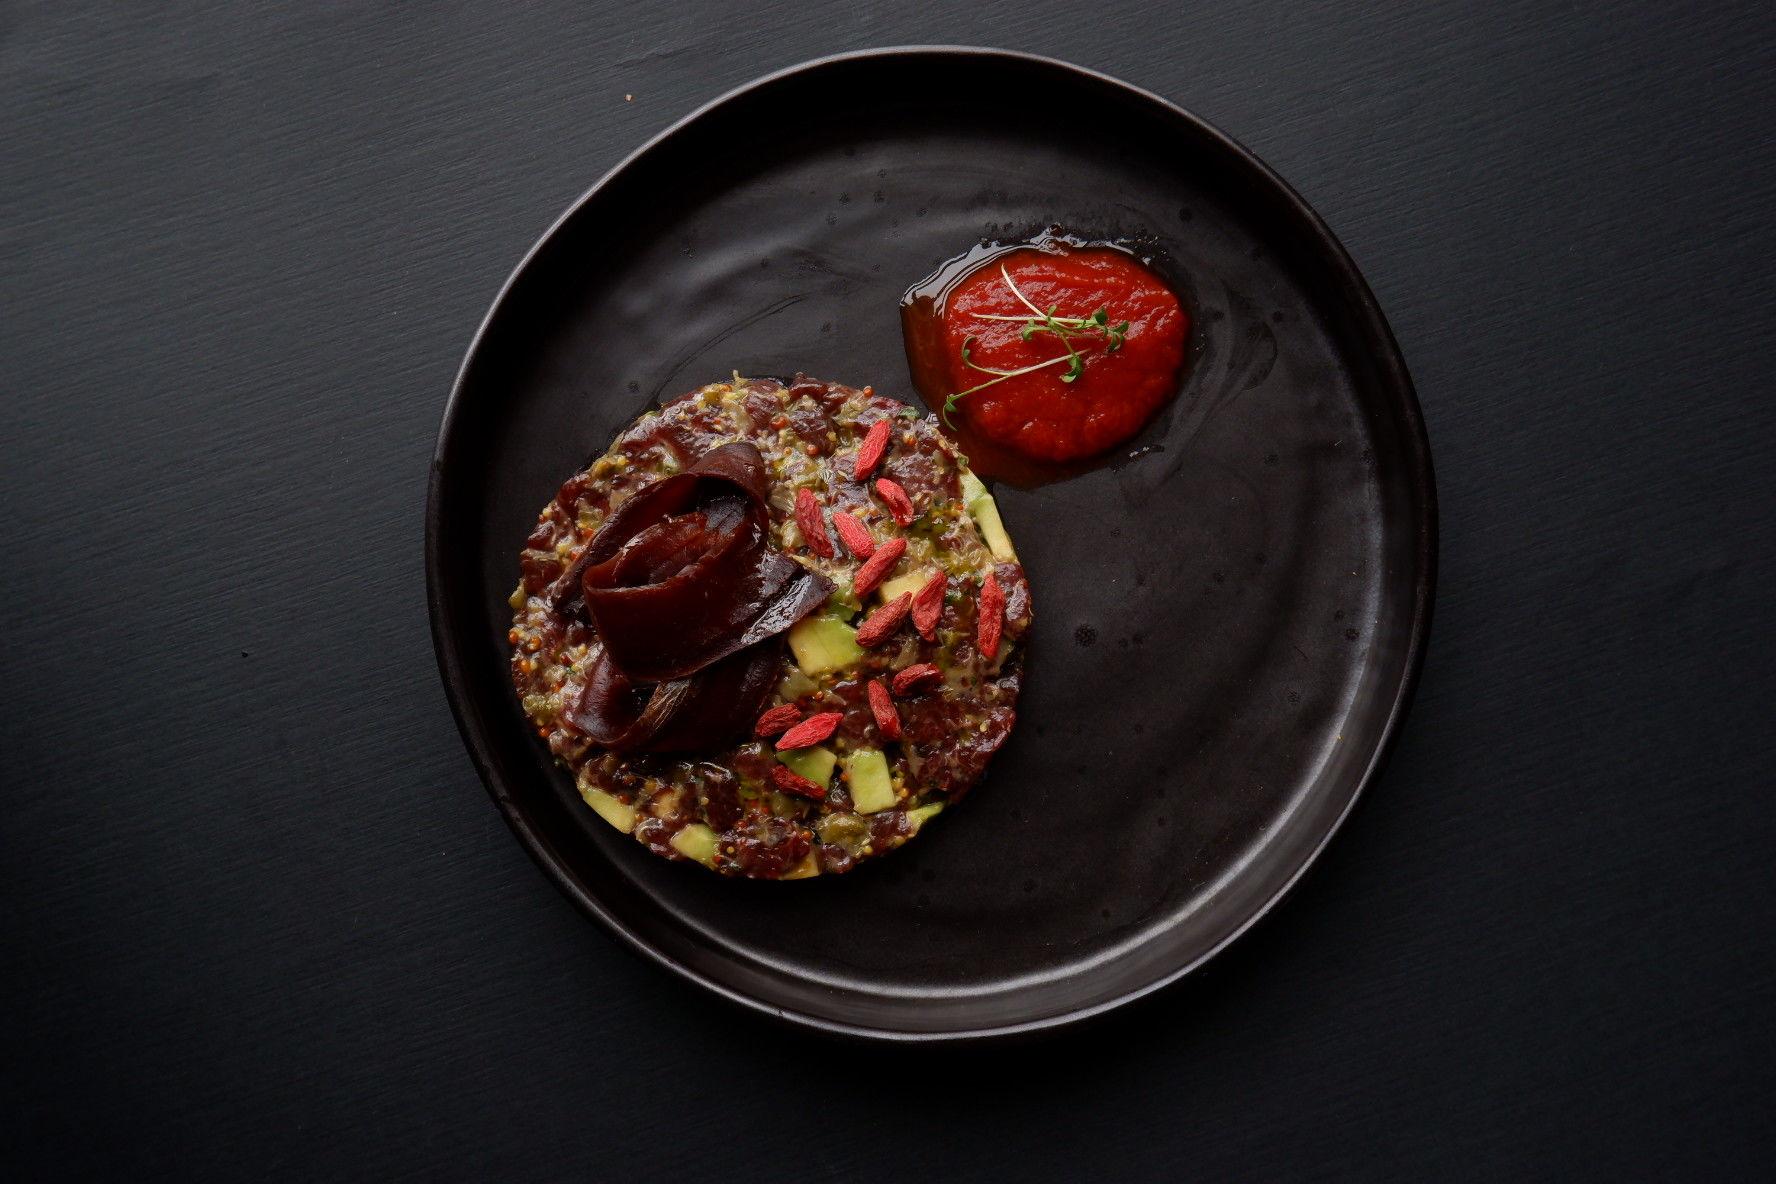 Тартар из оленины с авокадо и ягодами годжи ©Фотография предоставлена PR-службой ресторана «Скотина»